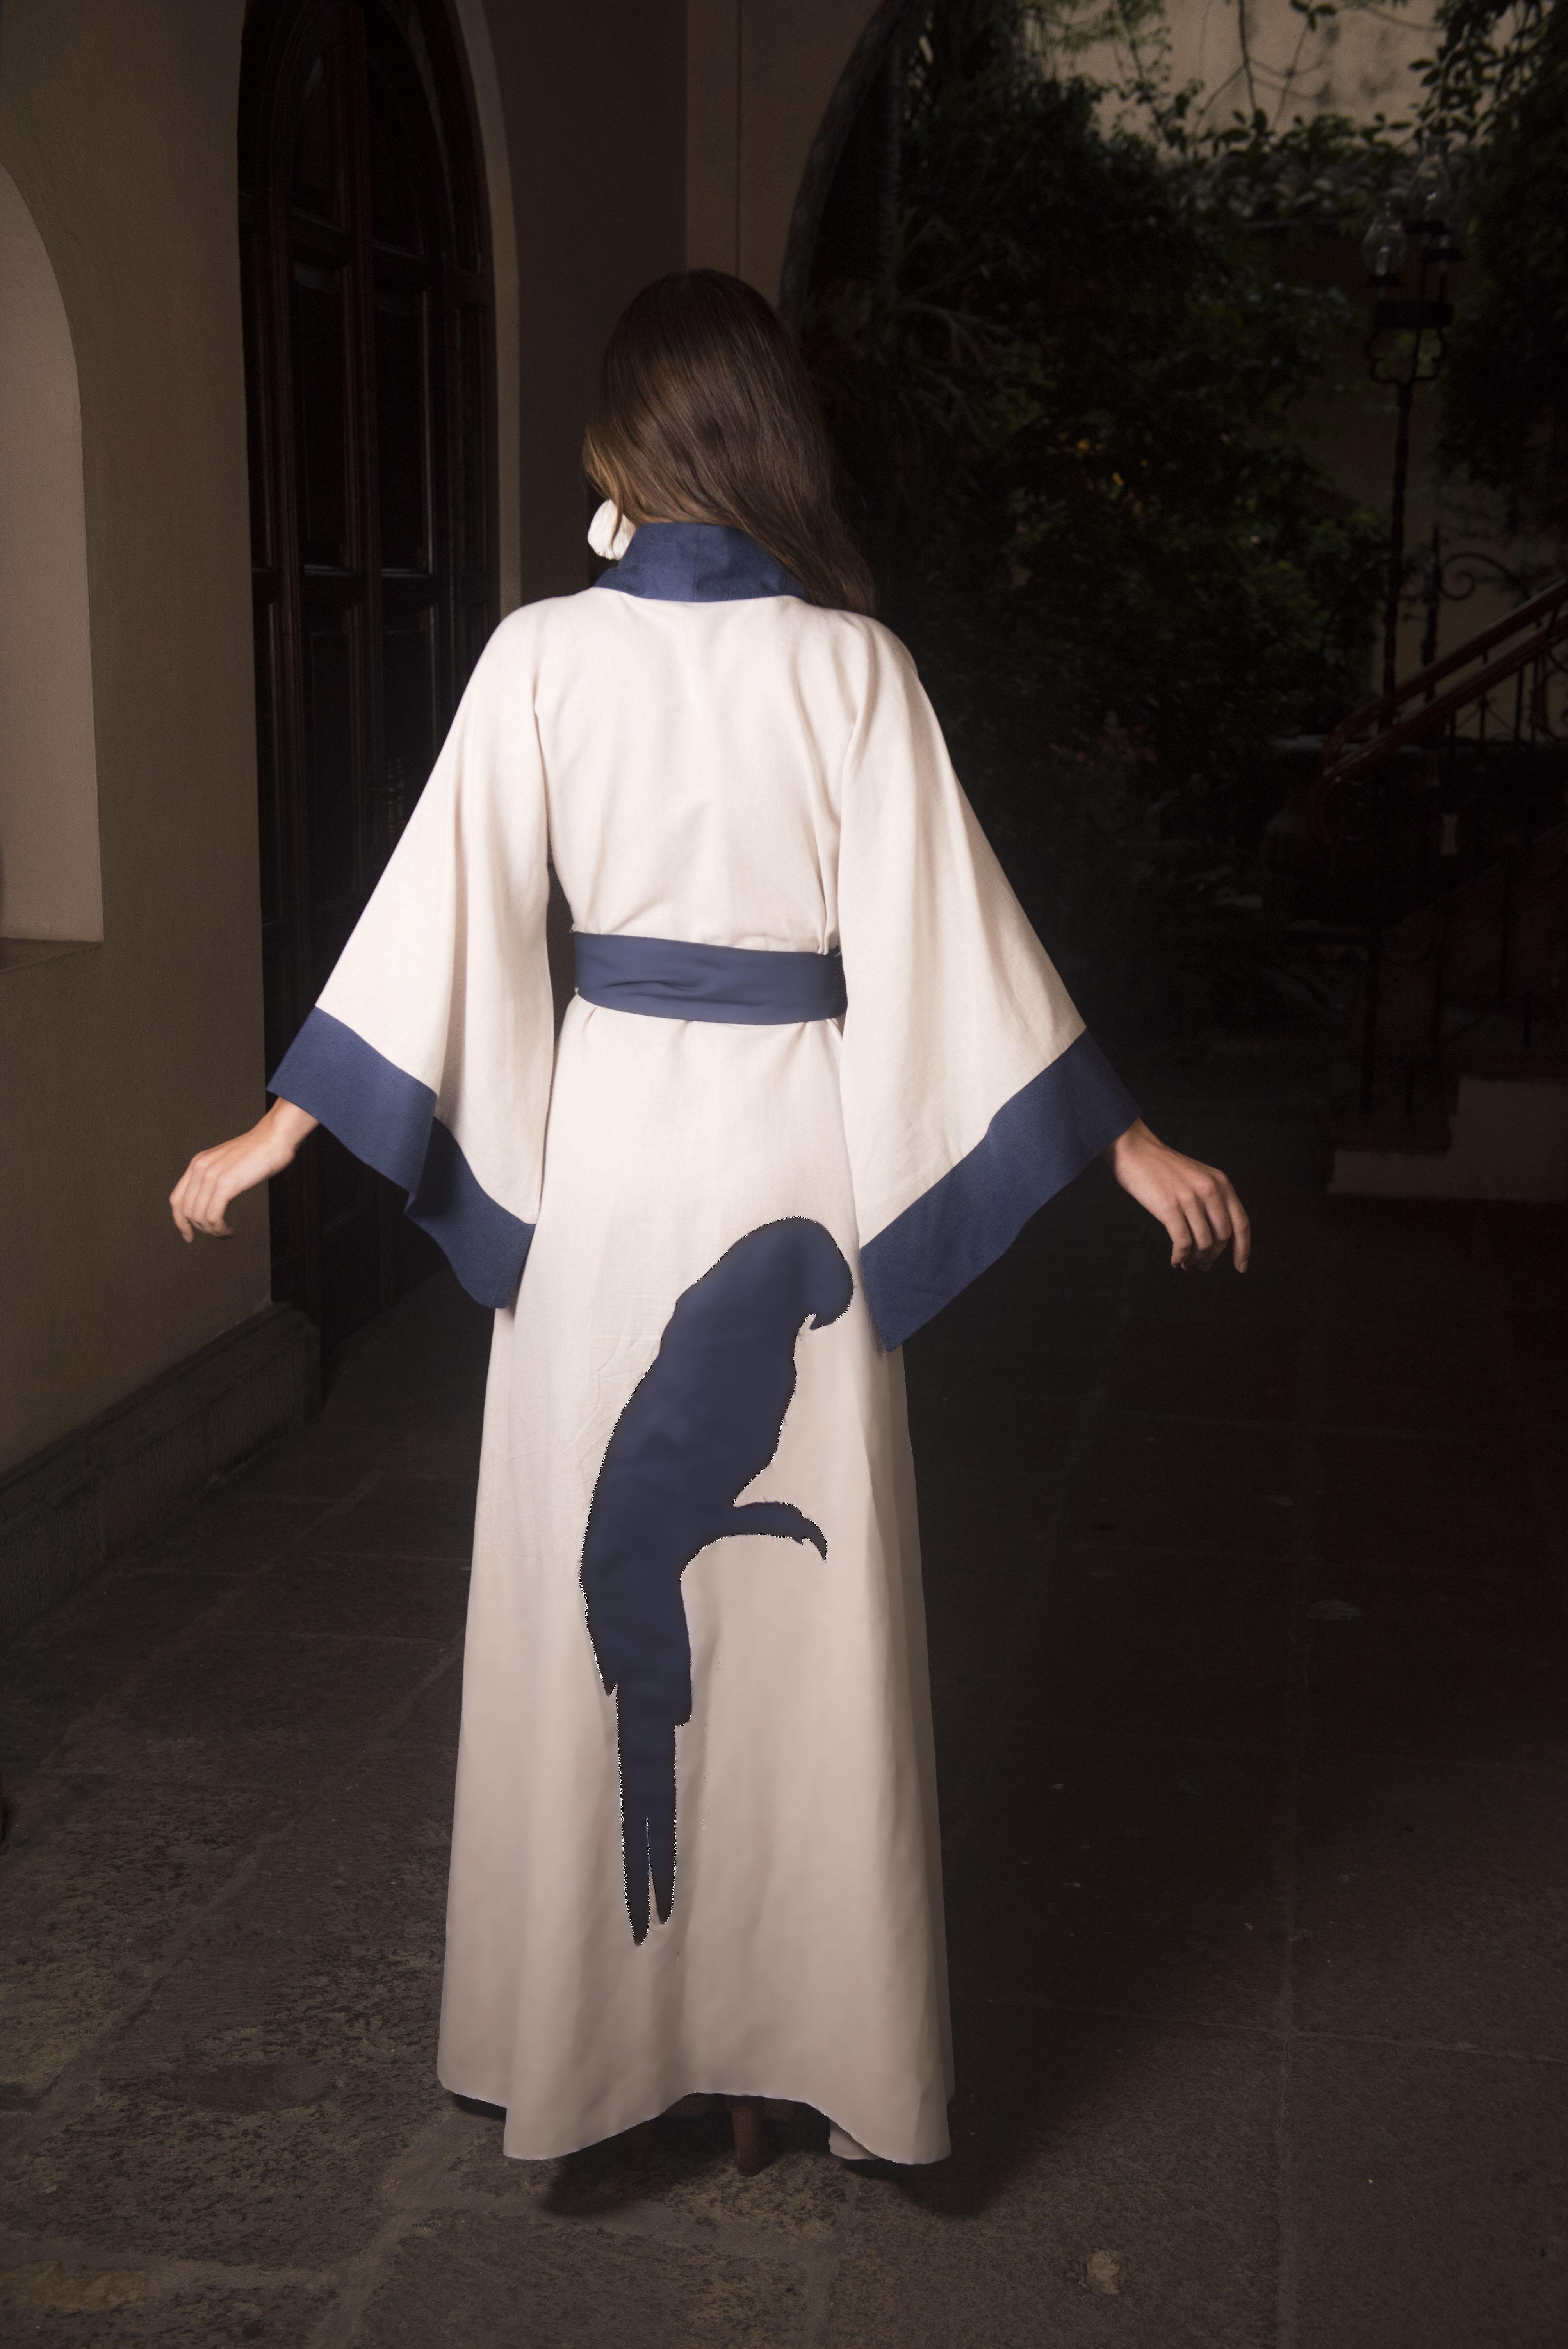 kimono de lino, color crudo con azul marino, mangas anchas y aplicacion de guacamaya bordada en la parte de atras